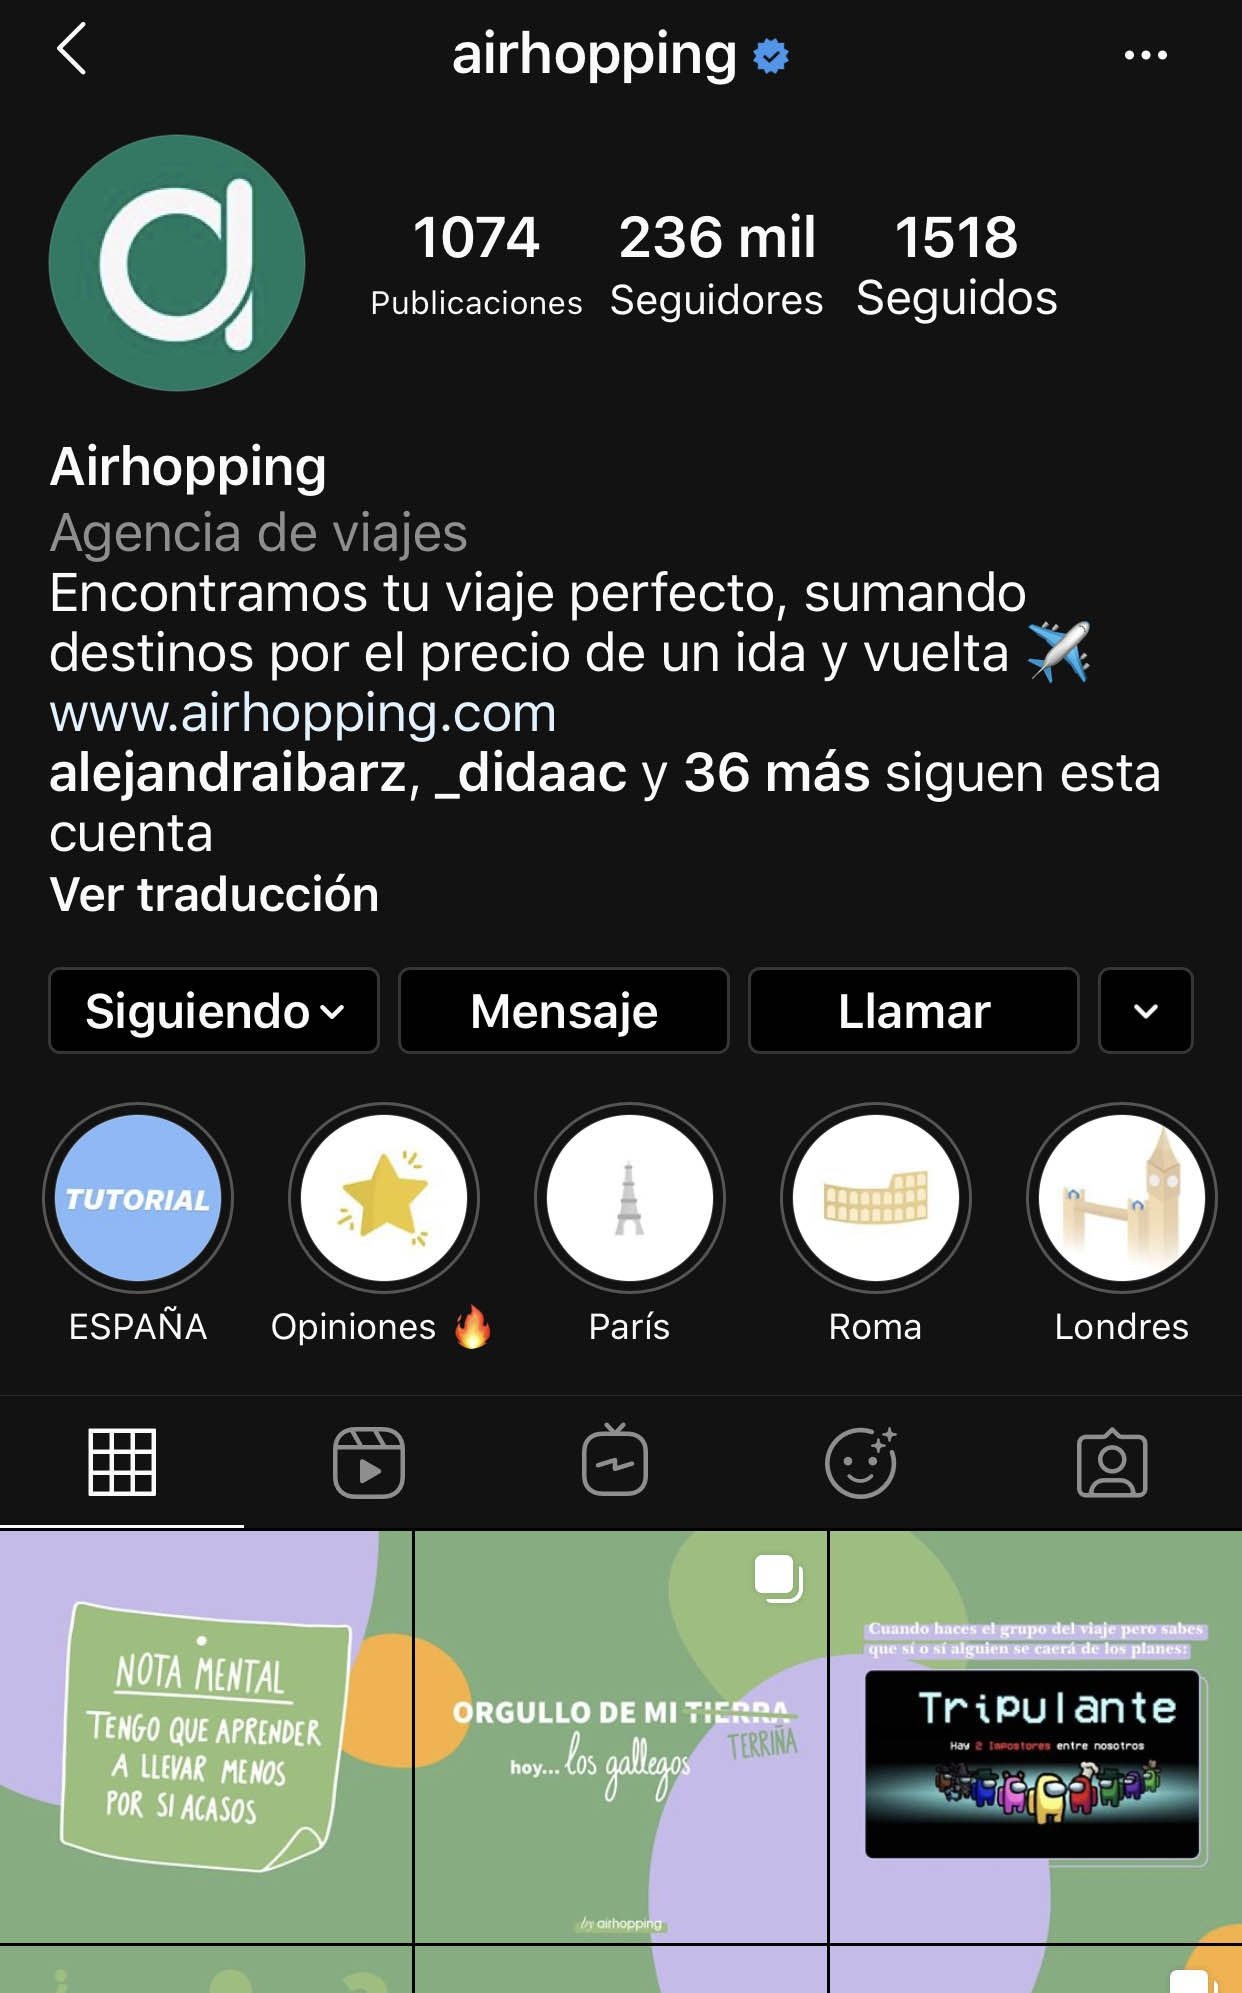 ejemplo sorteo en instagram airhopping